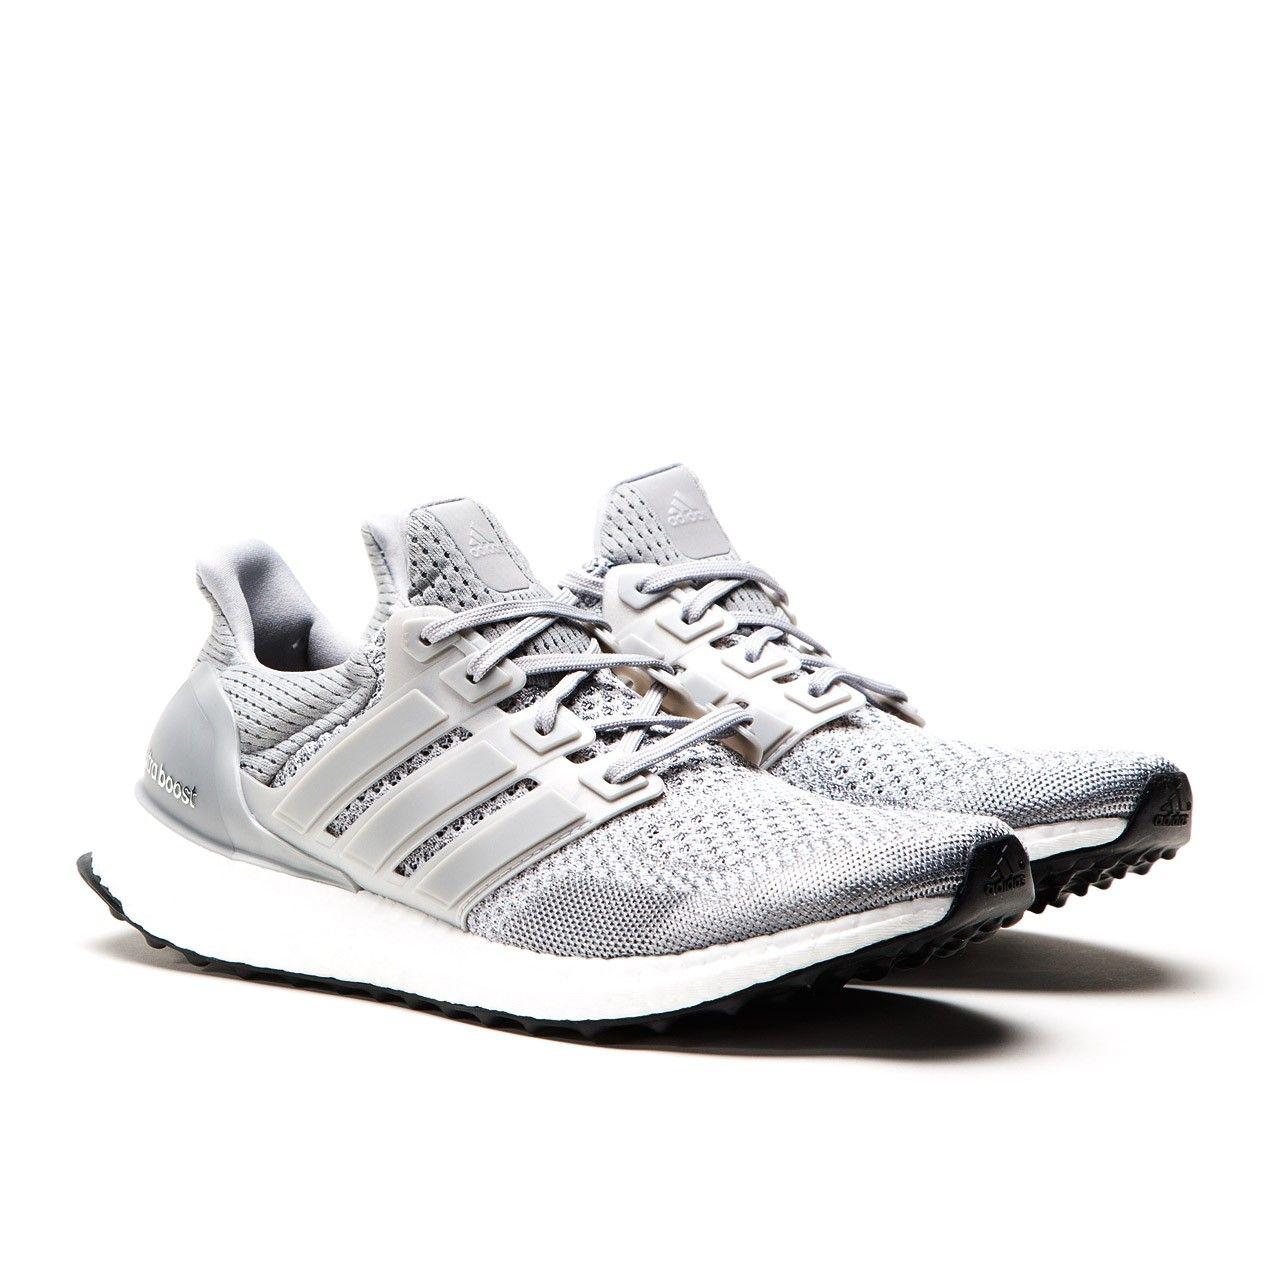 adidas Ultra Boost LTD (Silver Metallic)  ec569b16b